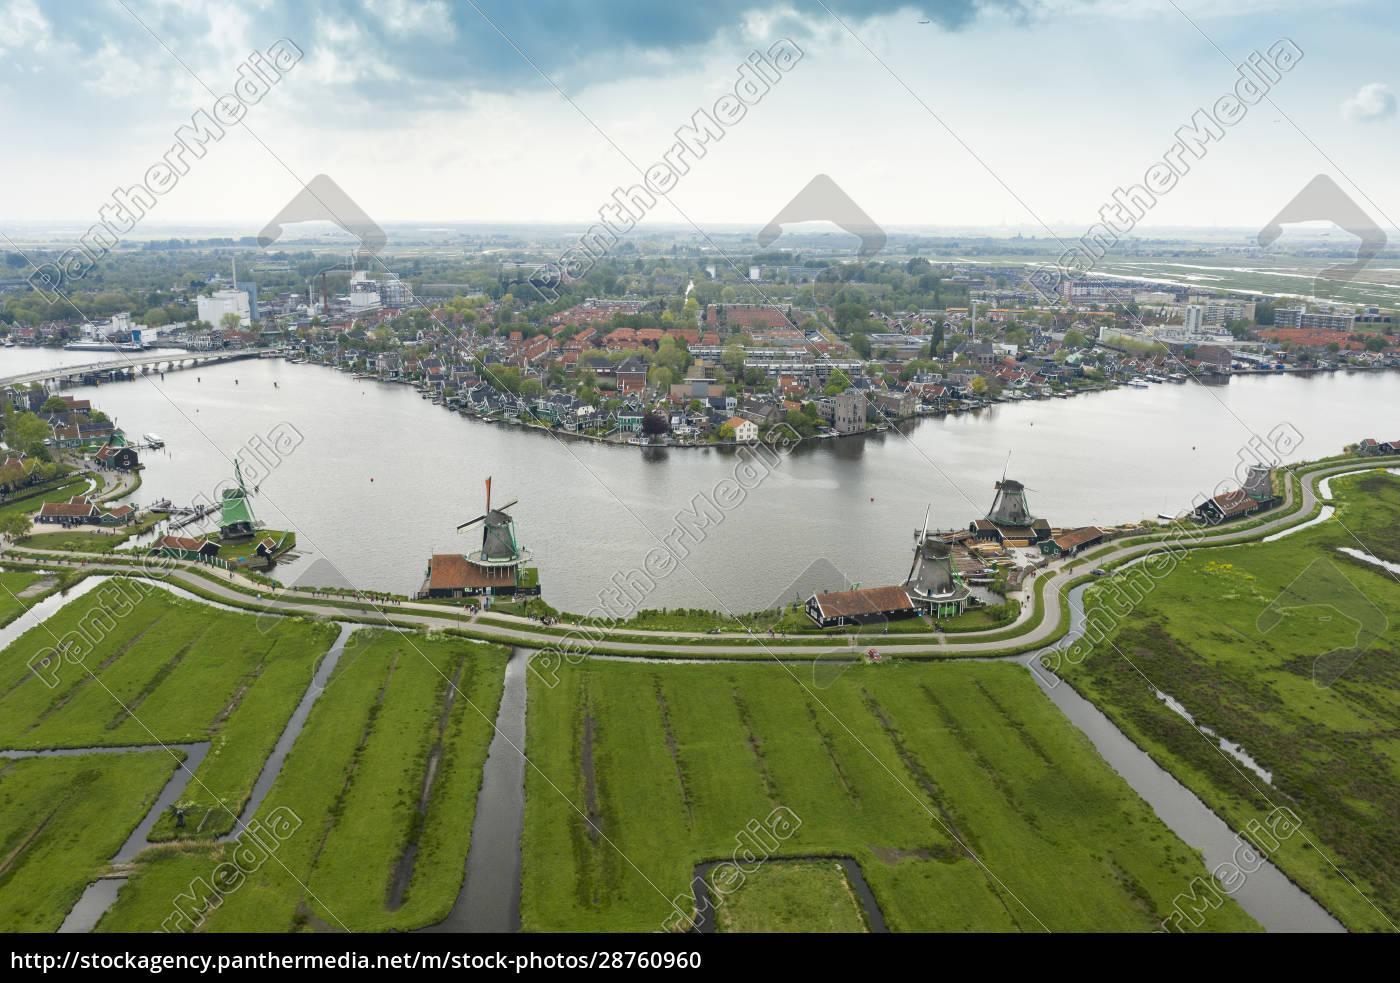 paesi, bassi, olanda, del, nord, zaandam, veduta, aerea, dei - 28760960